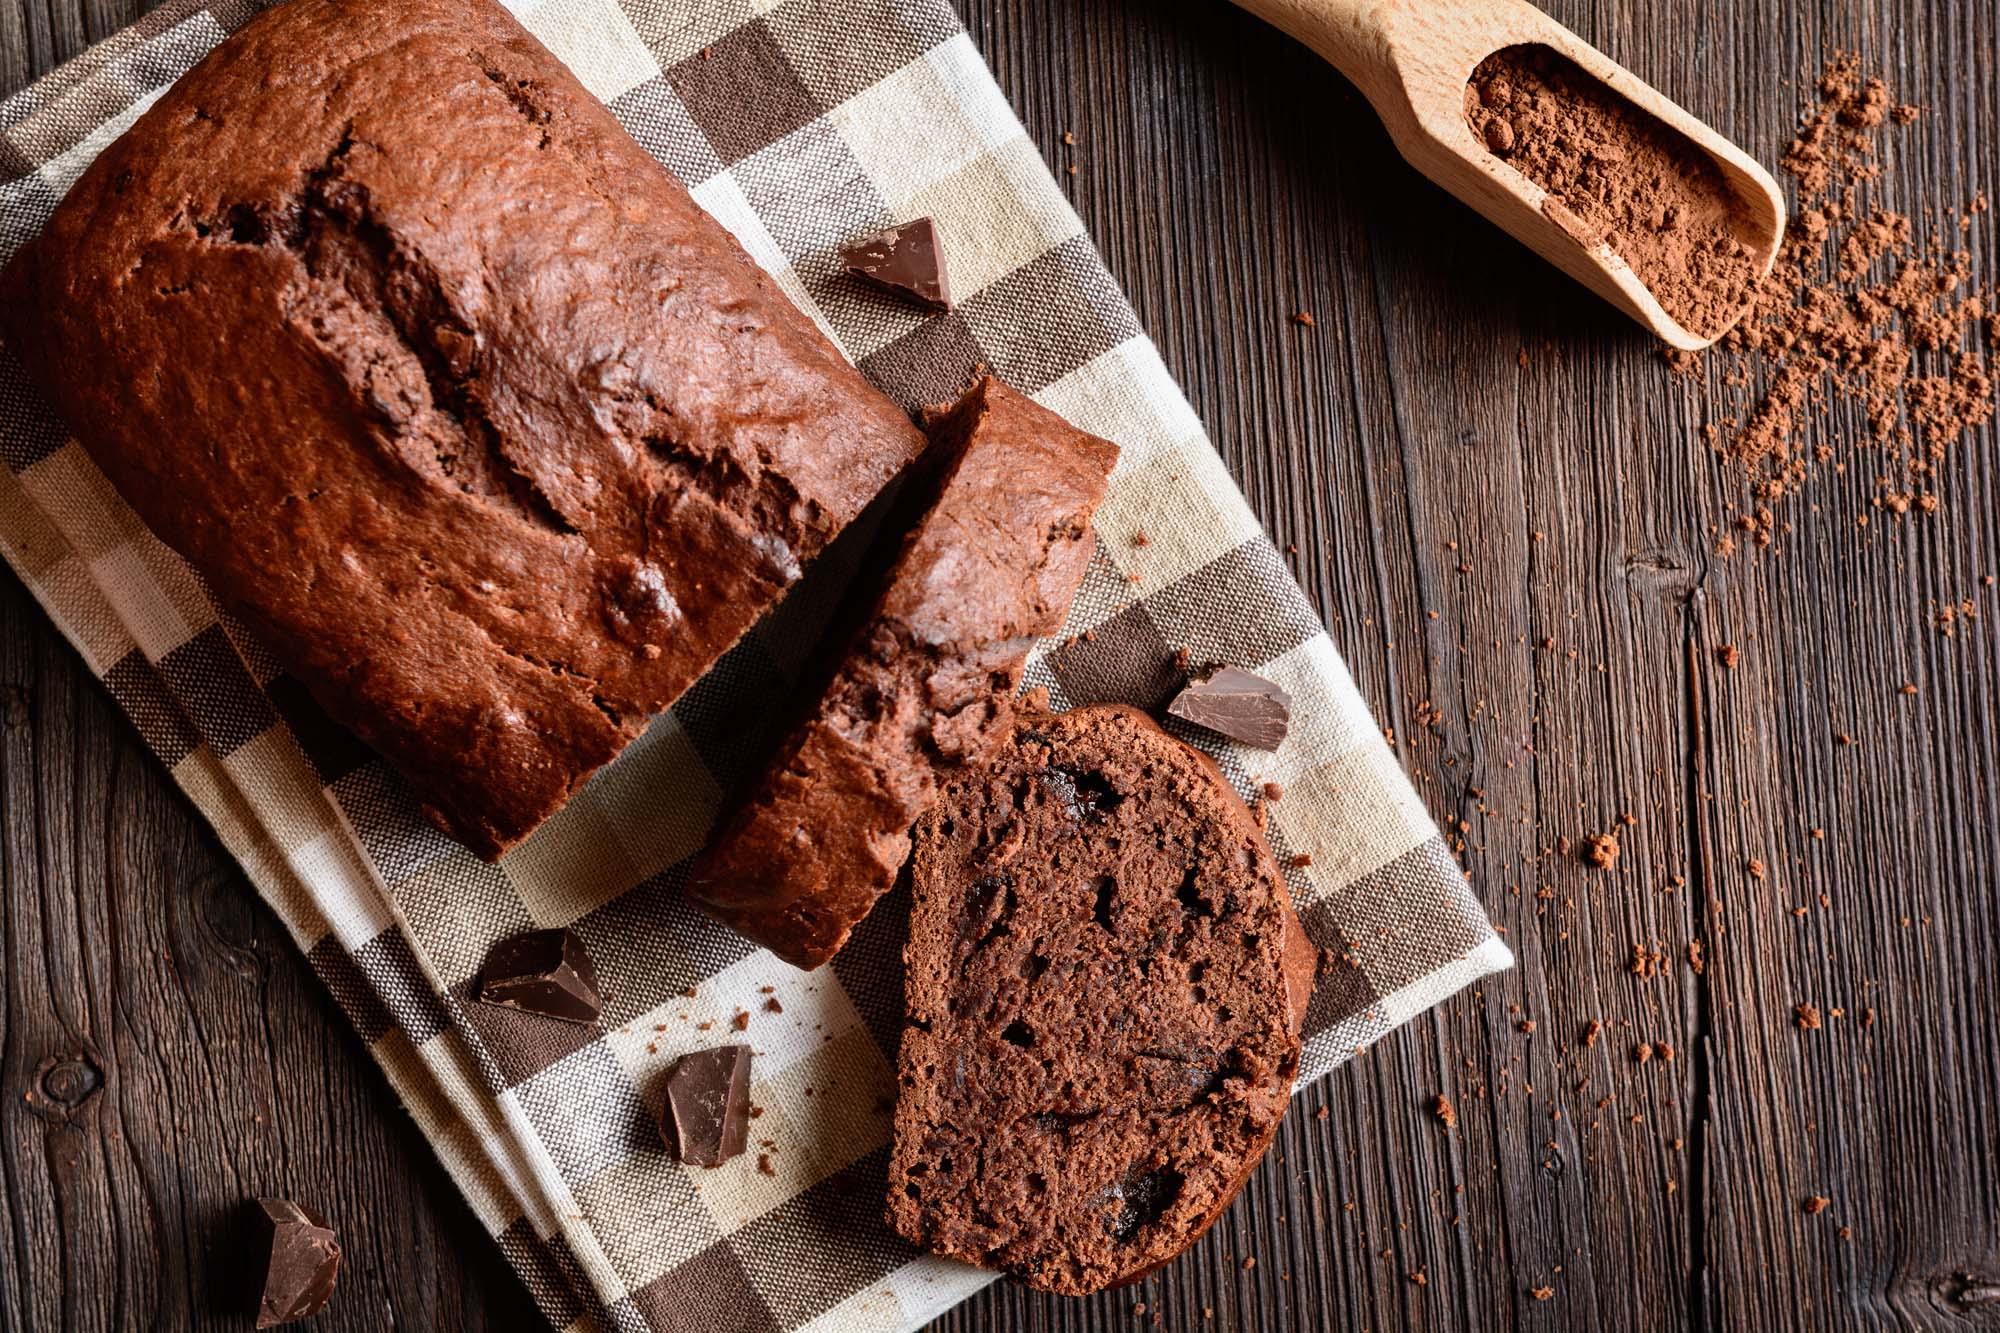 Svenske chokoladebrød